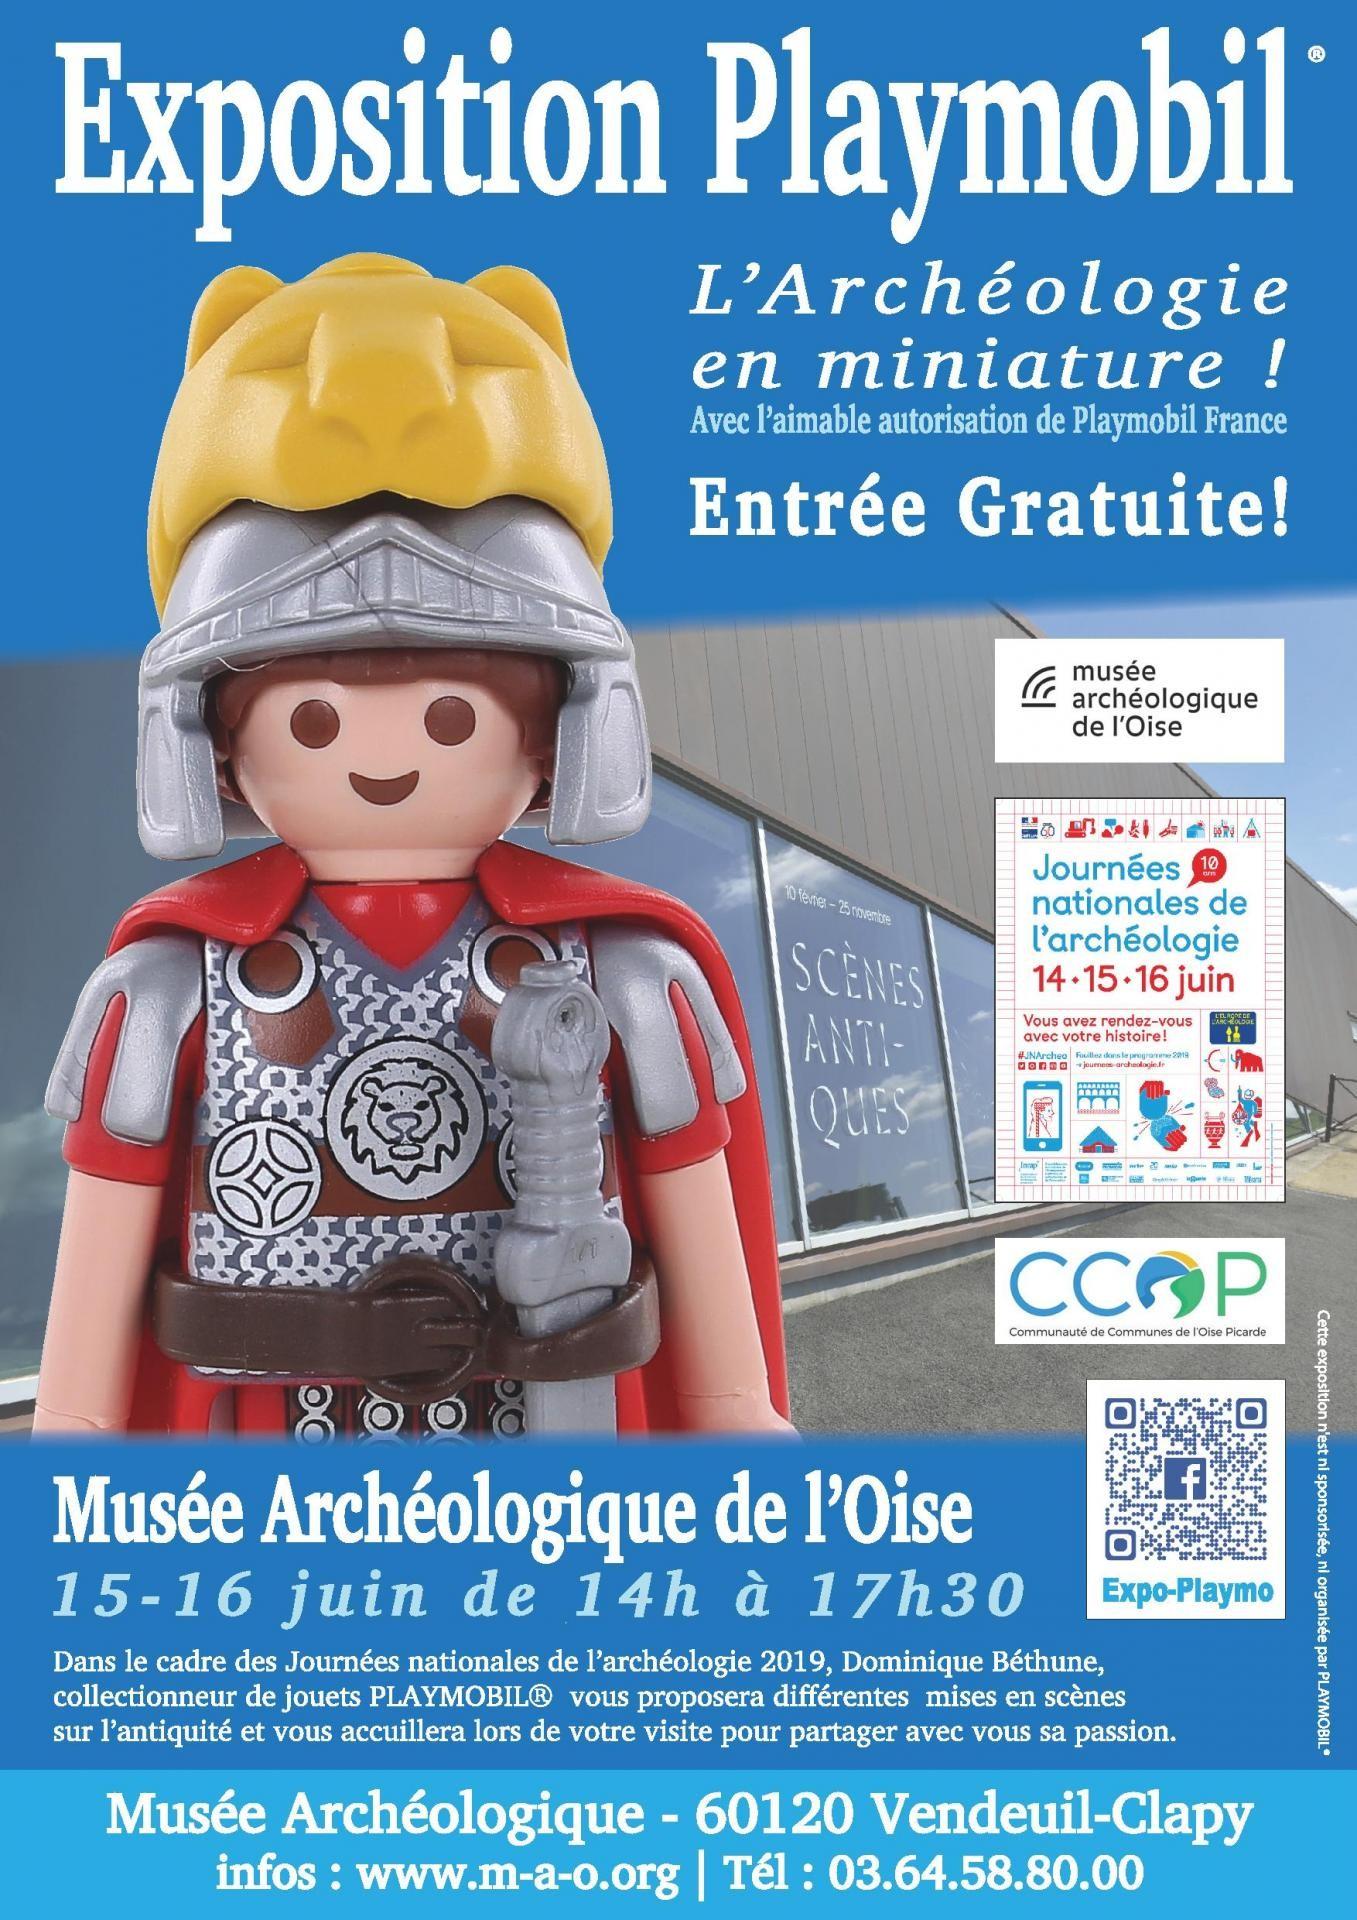 Affiche expo playmobil archeologique de l oise 2020